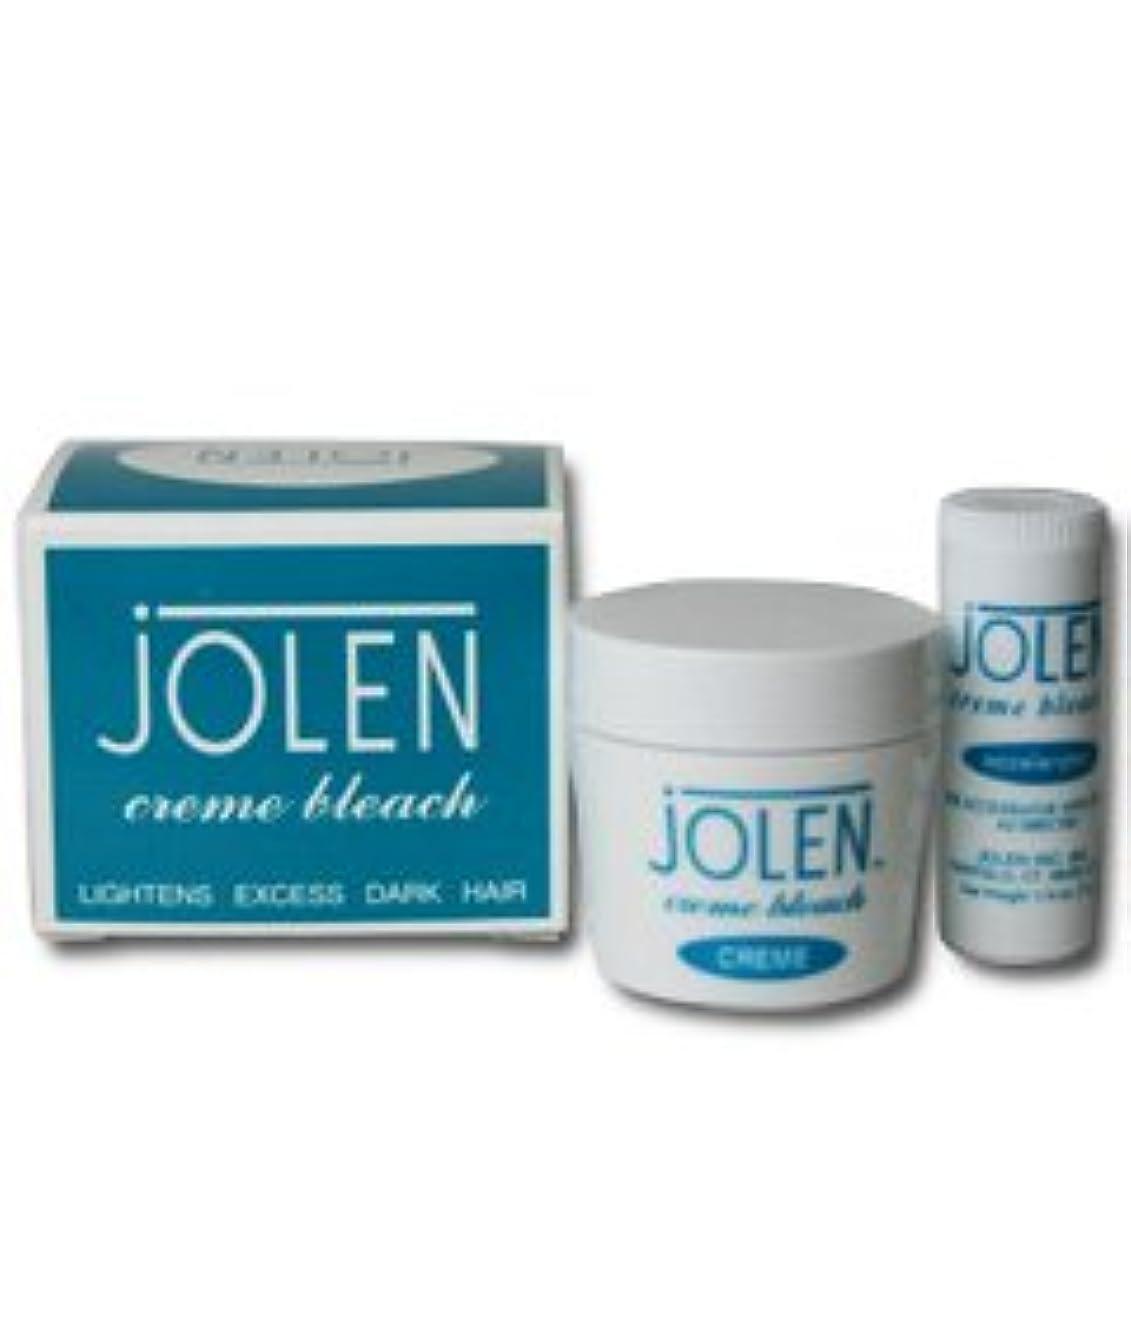 キャンドルオプショナル消費者JOLEN (ジョレン)  クリームブリーチ(海外発送商品)